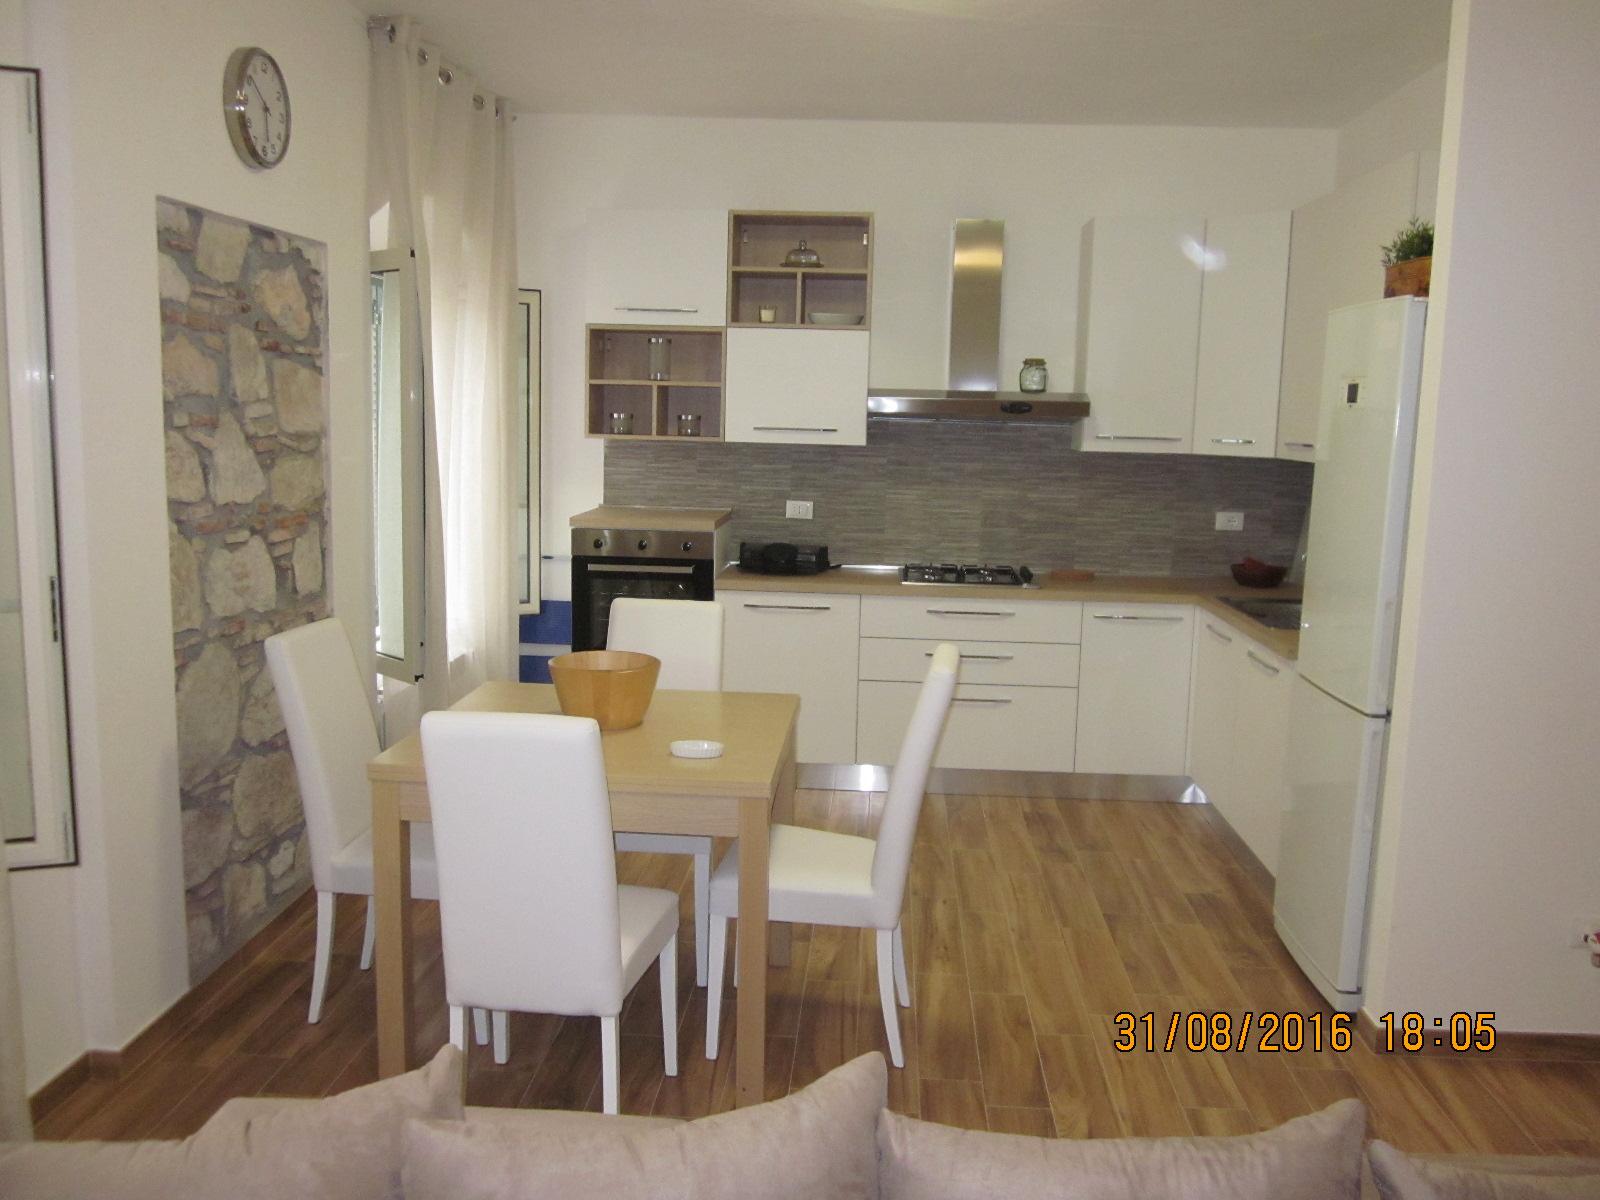 Appartamento in affitto a Viareggio, 3 locali, zona Località: Centro, prezzo € 700   Cambio Casa.it